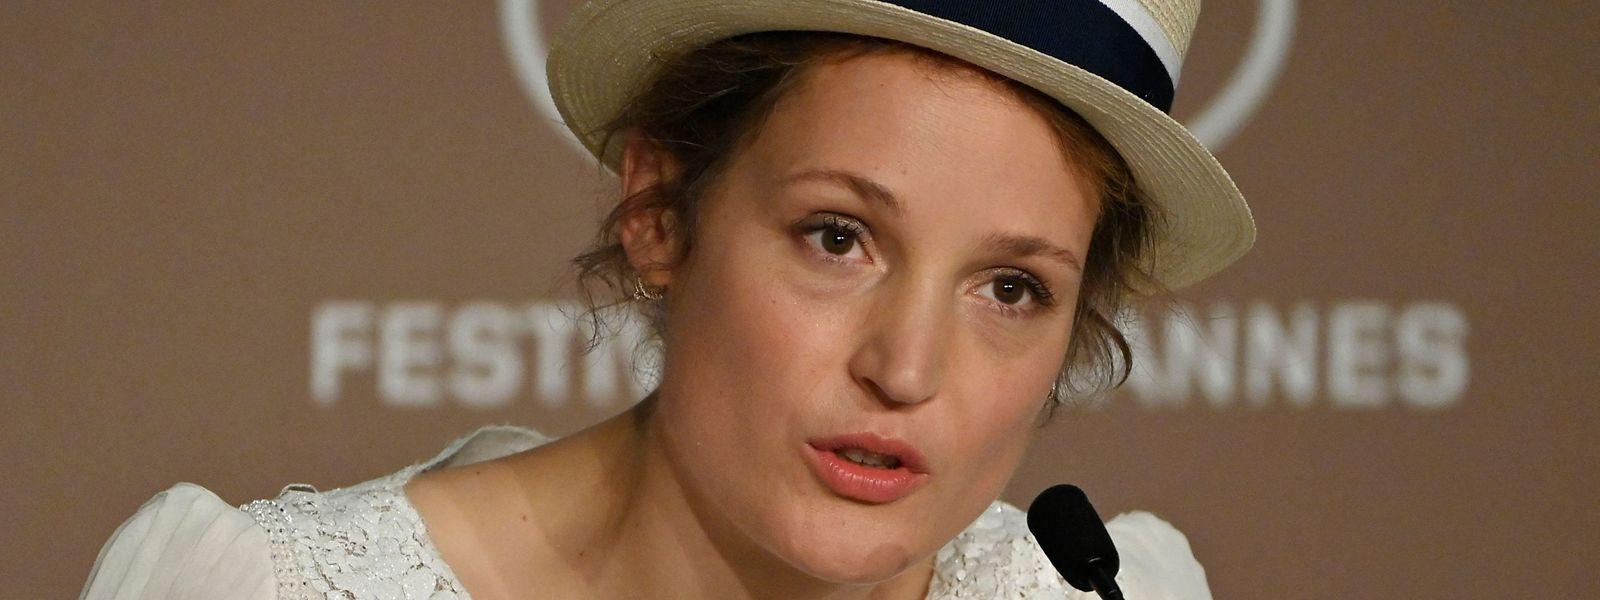 In Cannes stellte Vicky Krieps gleich mehrere Filme als Mitglied des Casts vor.